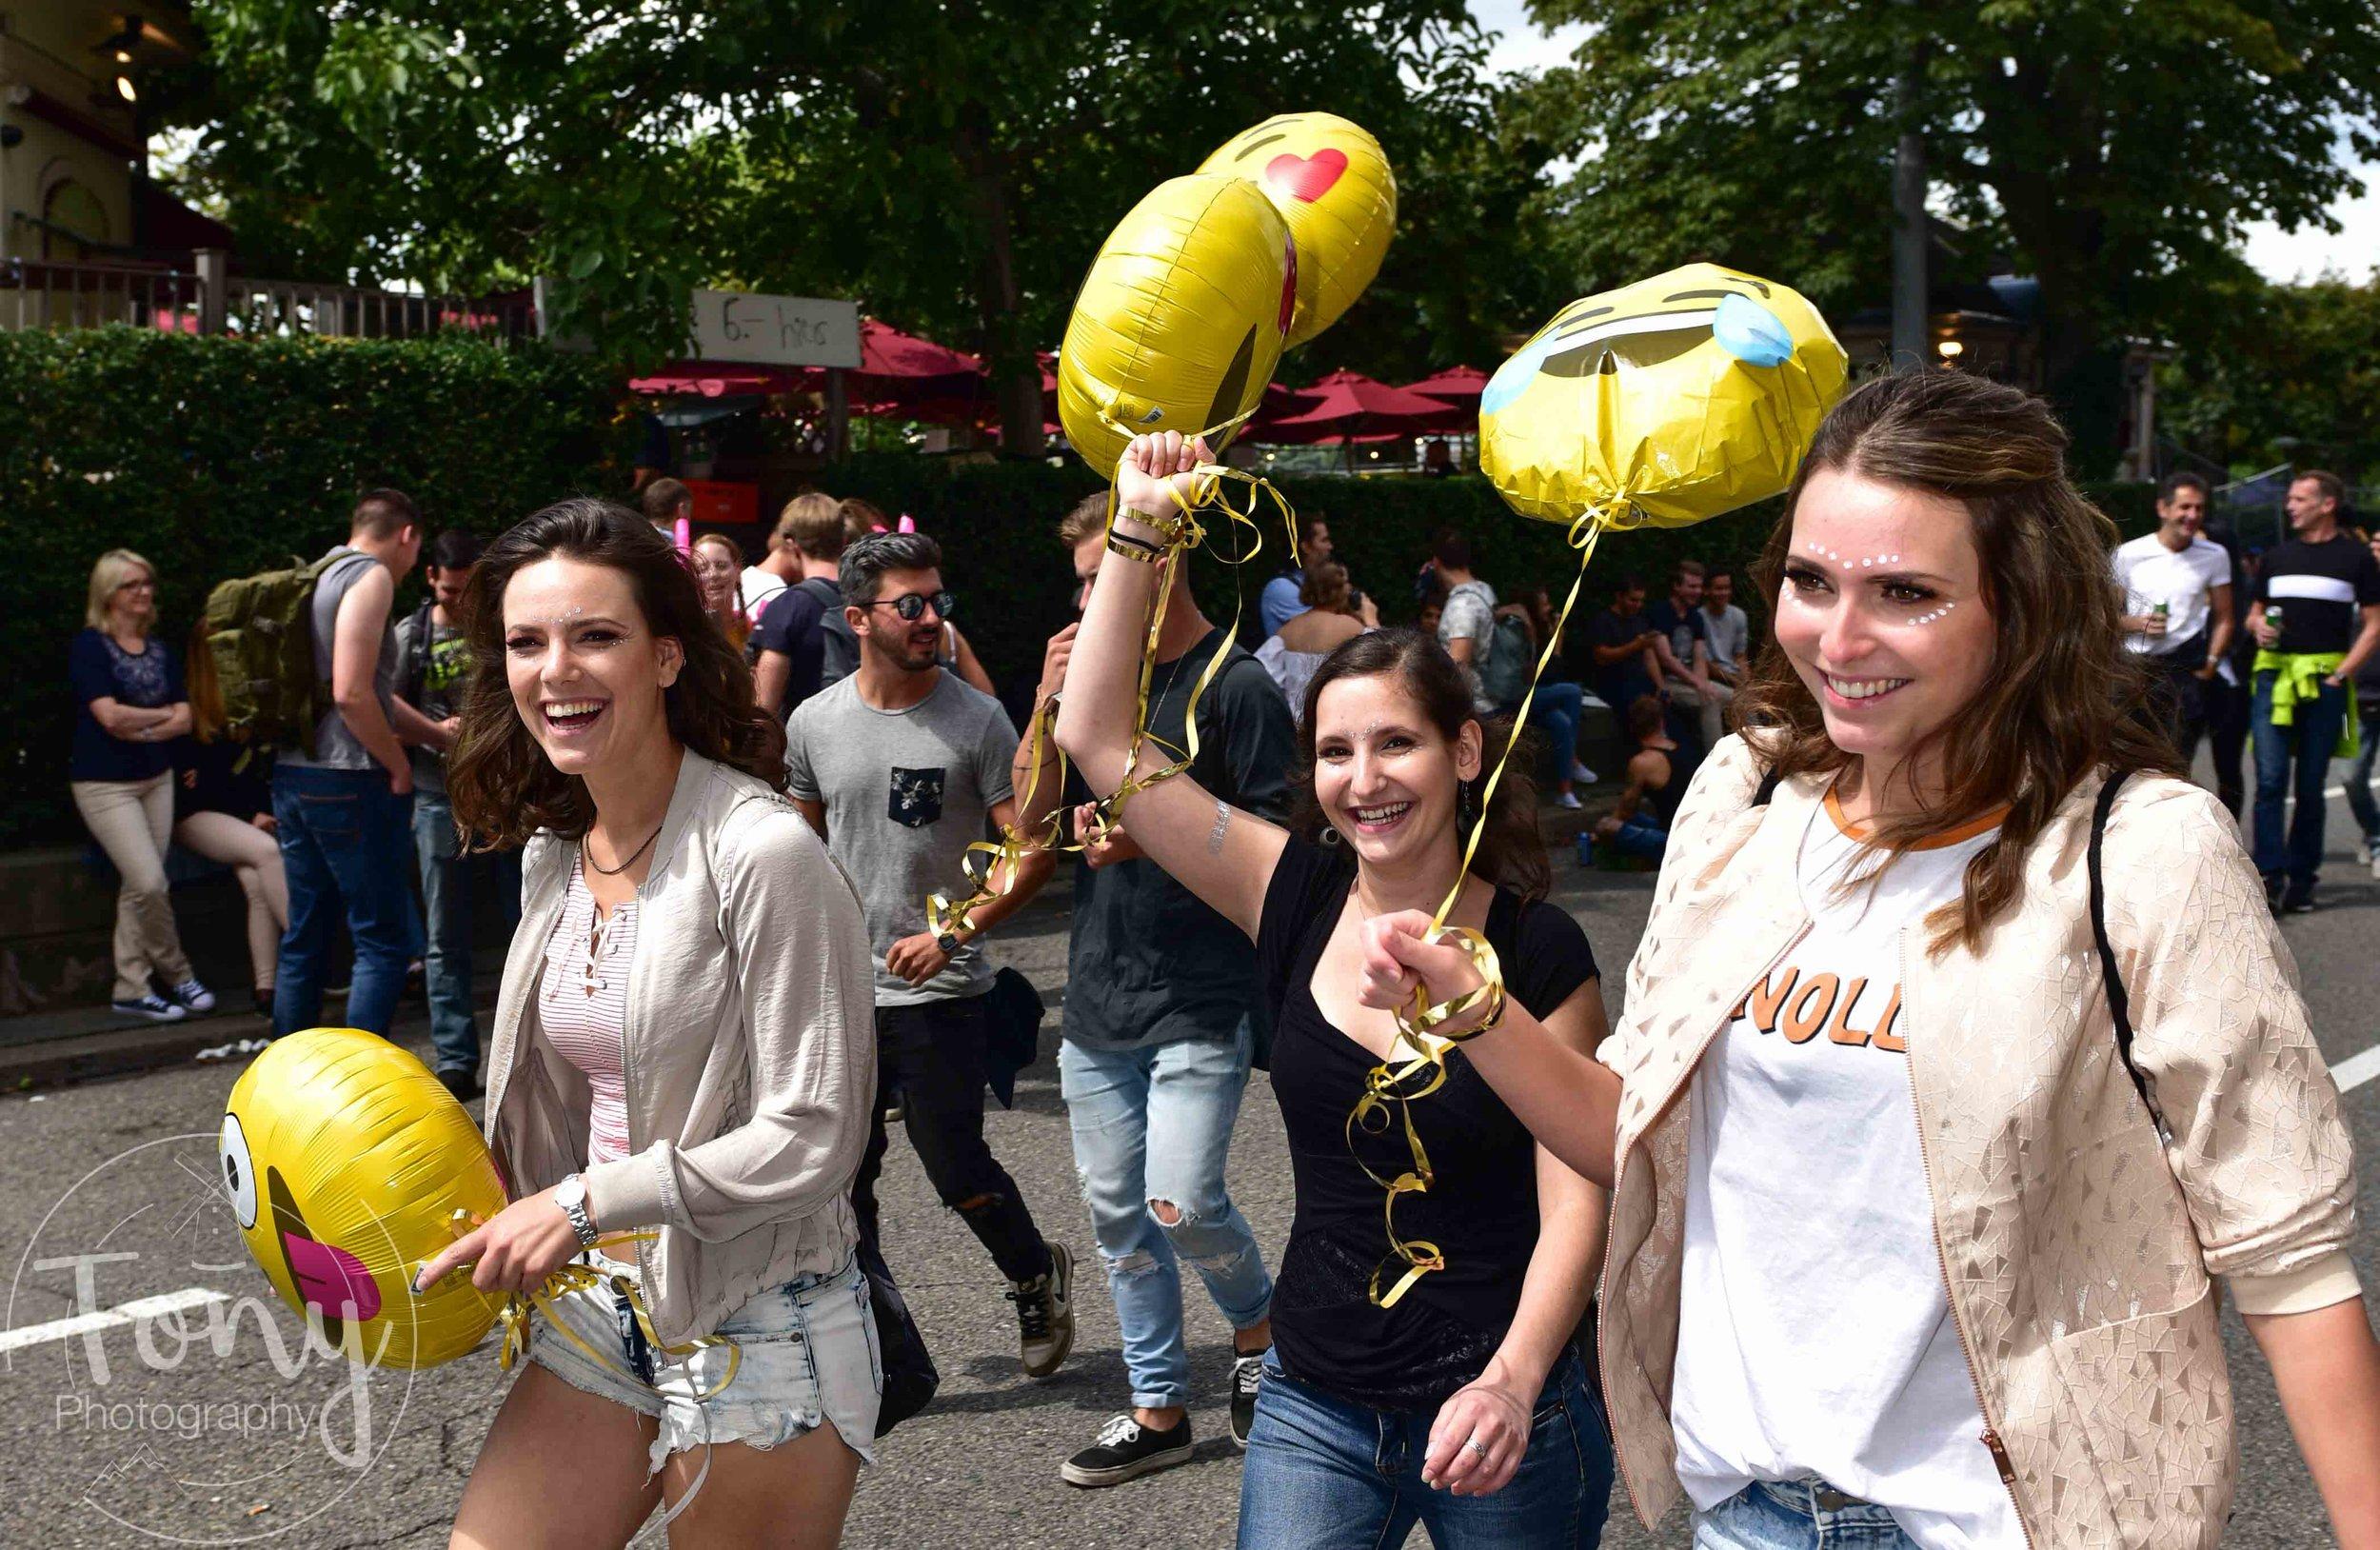 streetparade-28.jpg